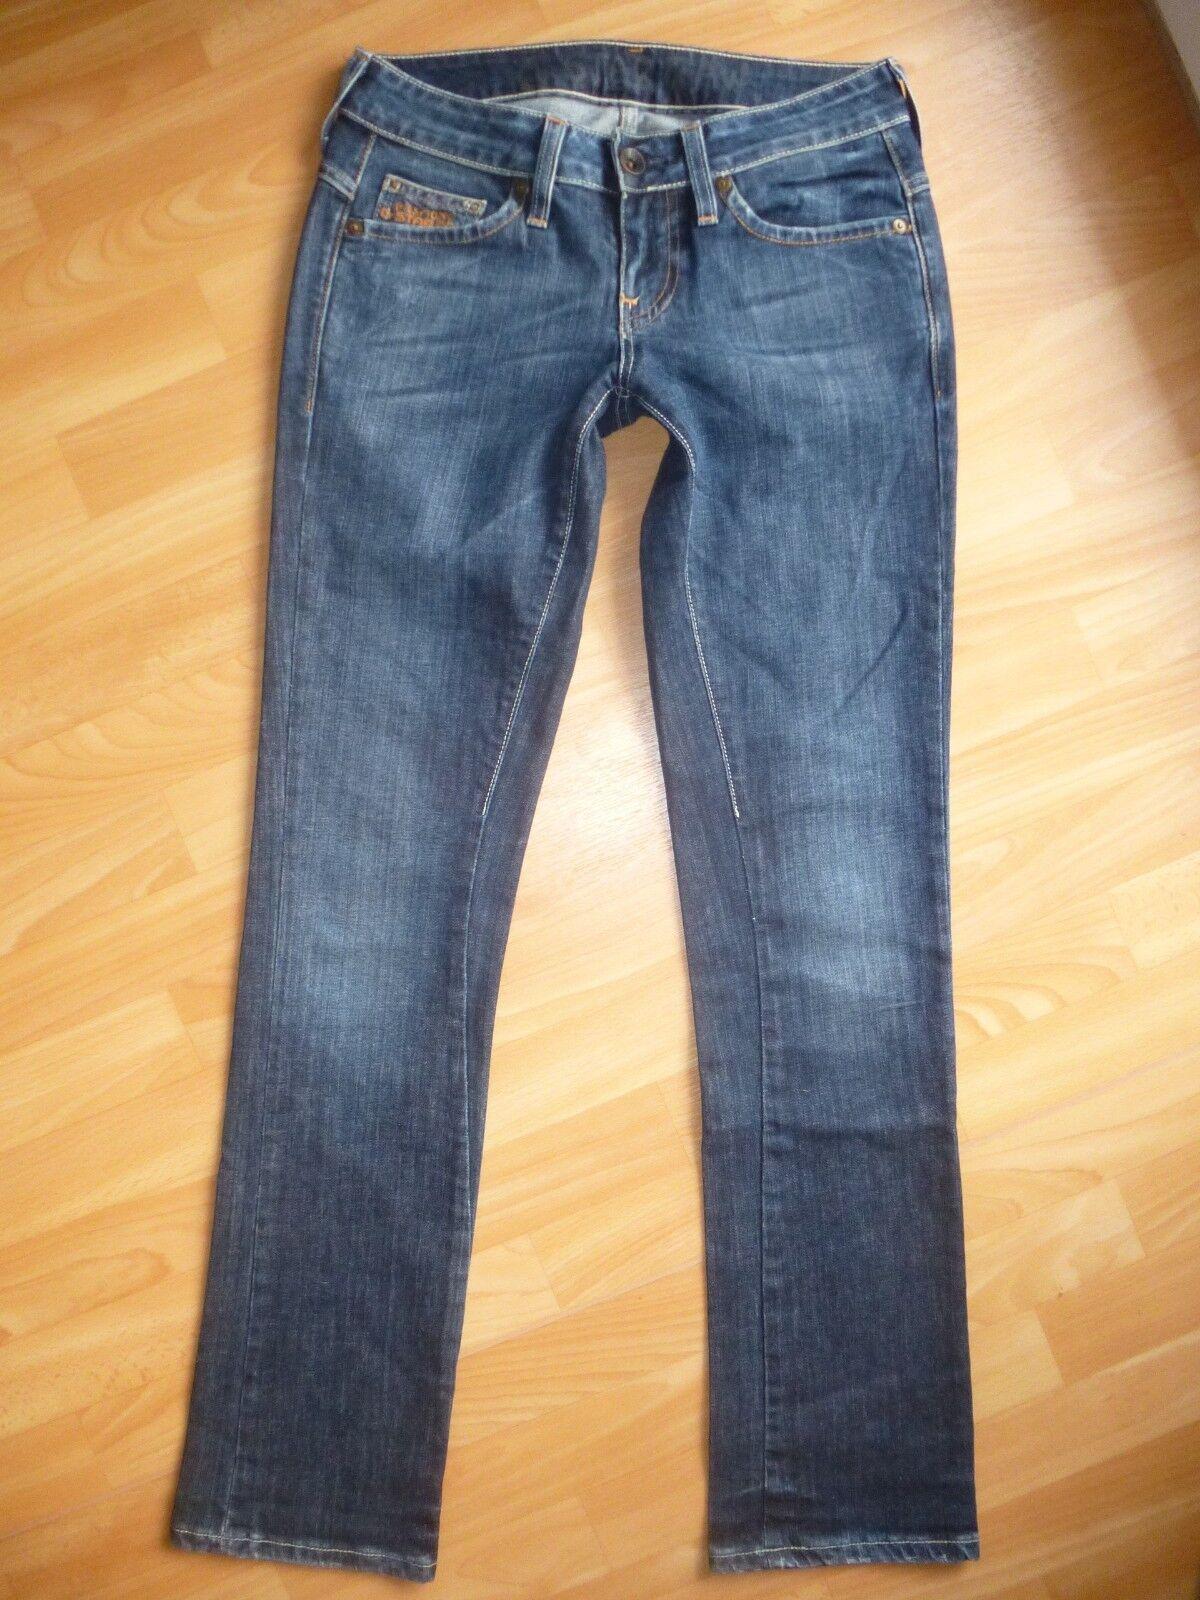 G-STAR Damen Jeans W27 W27 W27 L34 Modell  REESE STRAIGHT WMN | Treten Sie ein in die Welt der Spielzeuge und finden Sie eine Quelle des Glücks  | Adoptieren  | Wunderbar  | Sale Online Shop  | Zuverlässige Qualität  f8ab70